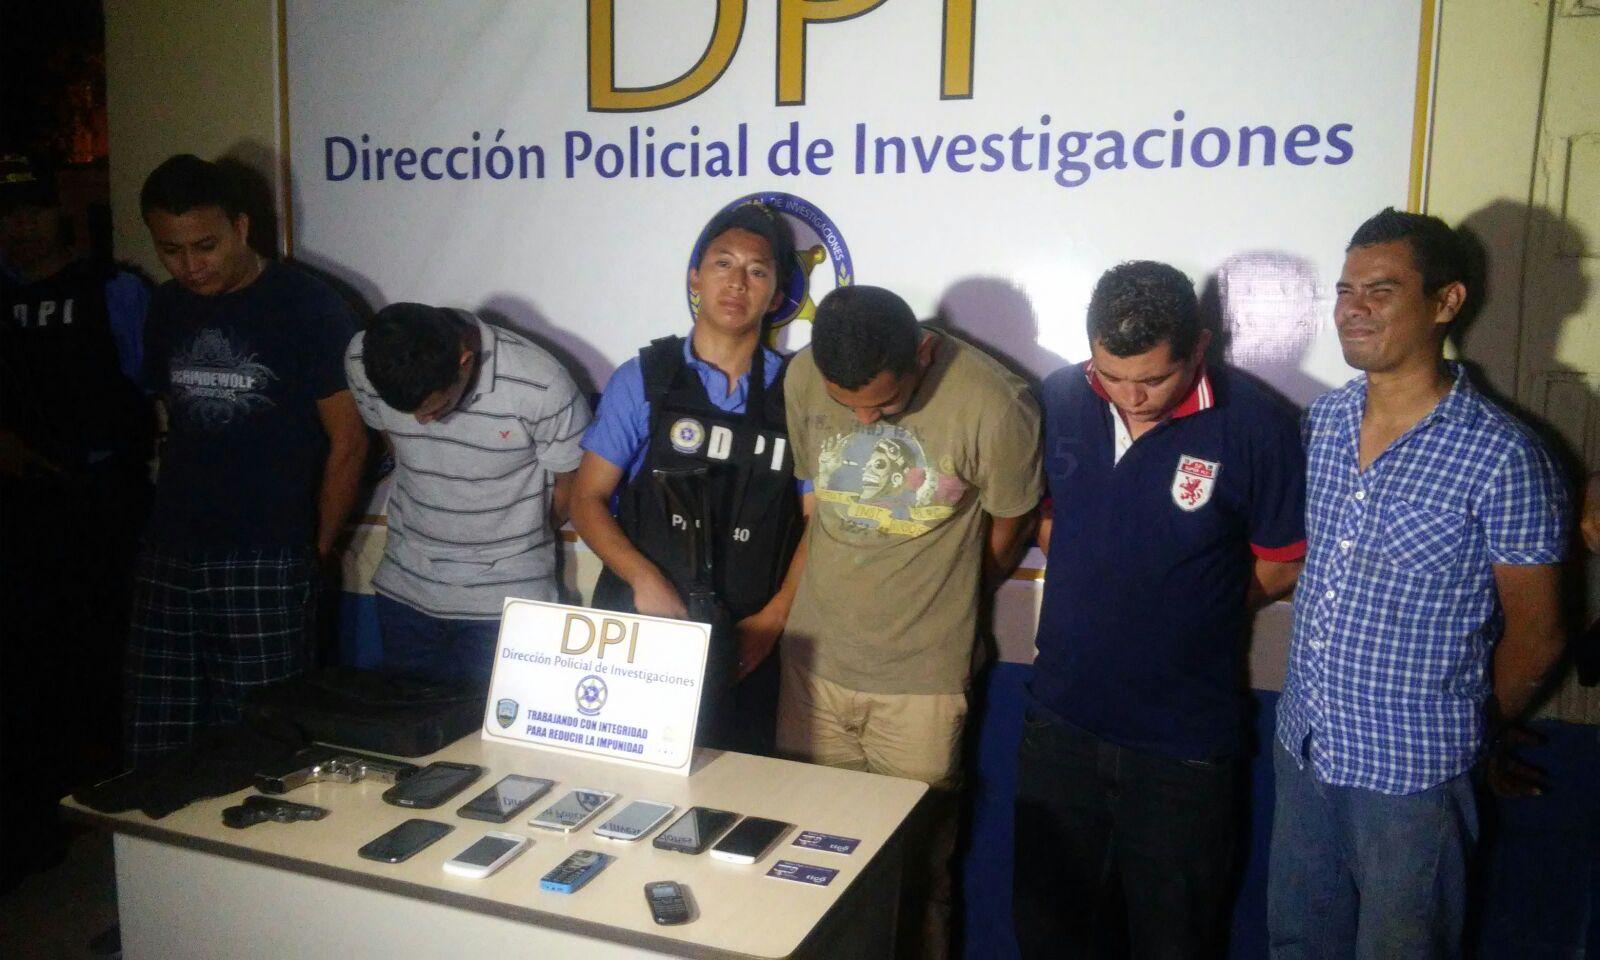 Policía detiene a banda de secuestradores y rescatan a comerciante